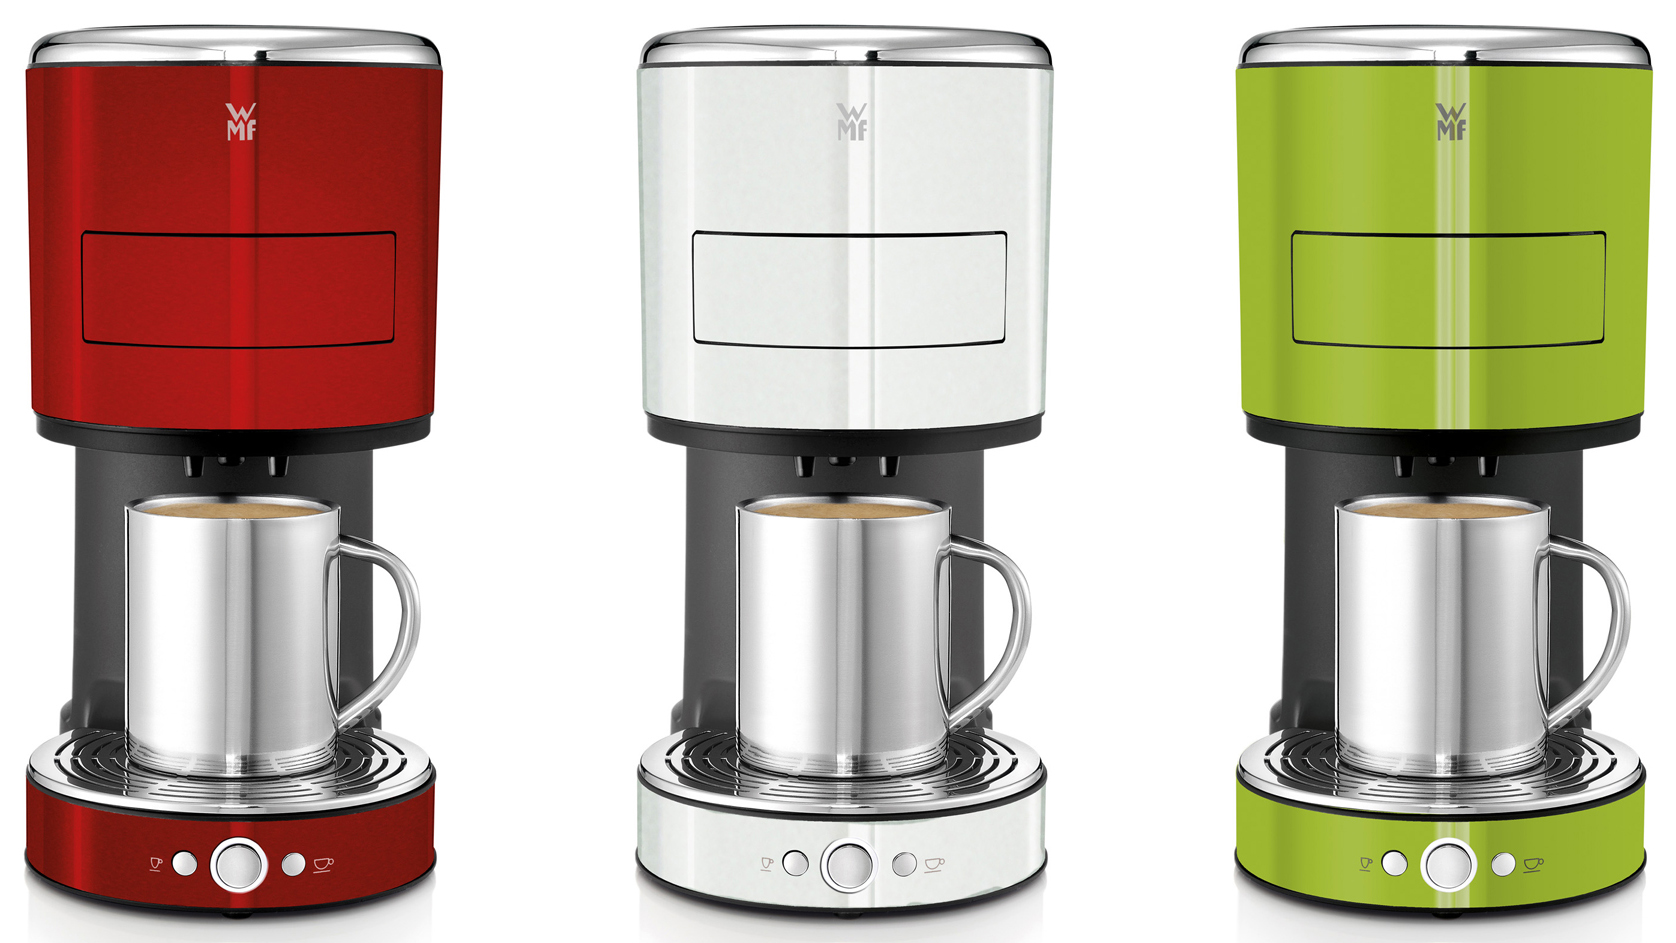 wmf kaffeemaschine lono color kaffeepadmaschine in drei neuen farben. Black Bedroom Furniture Sets. Home Design Ideas